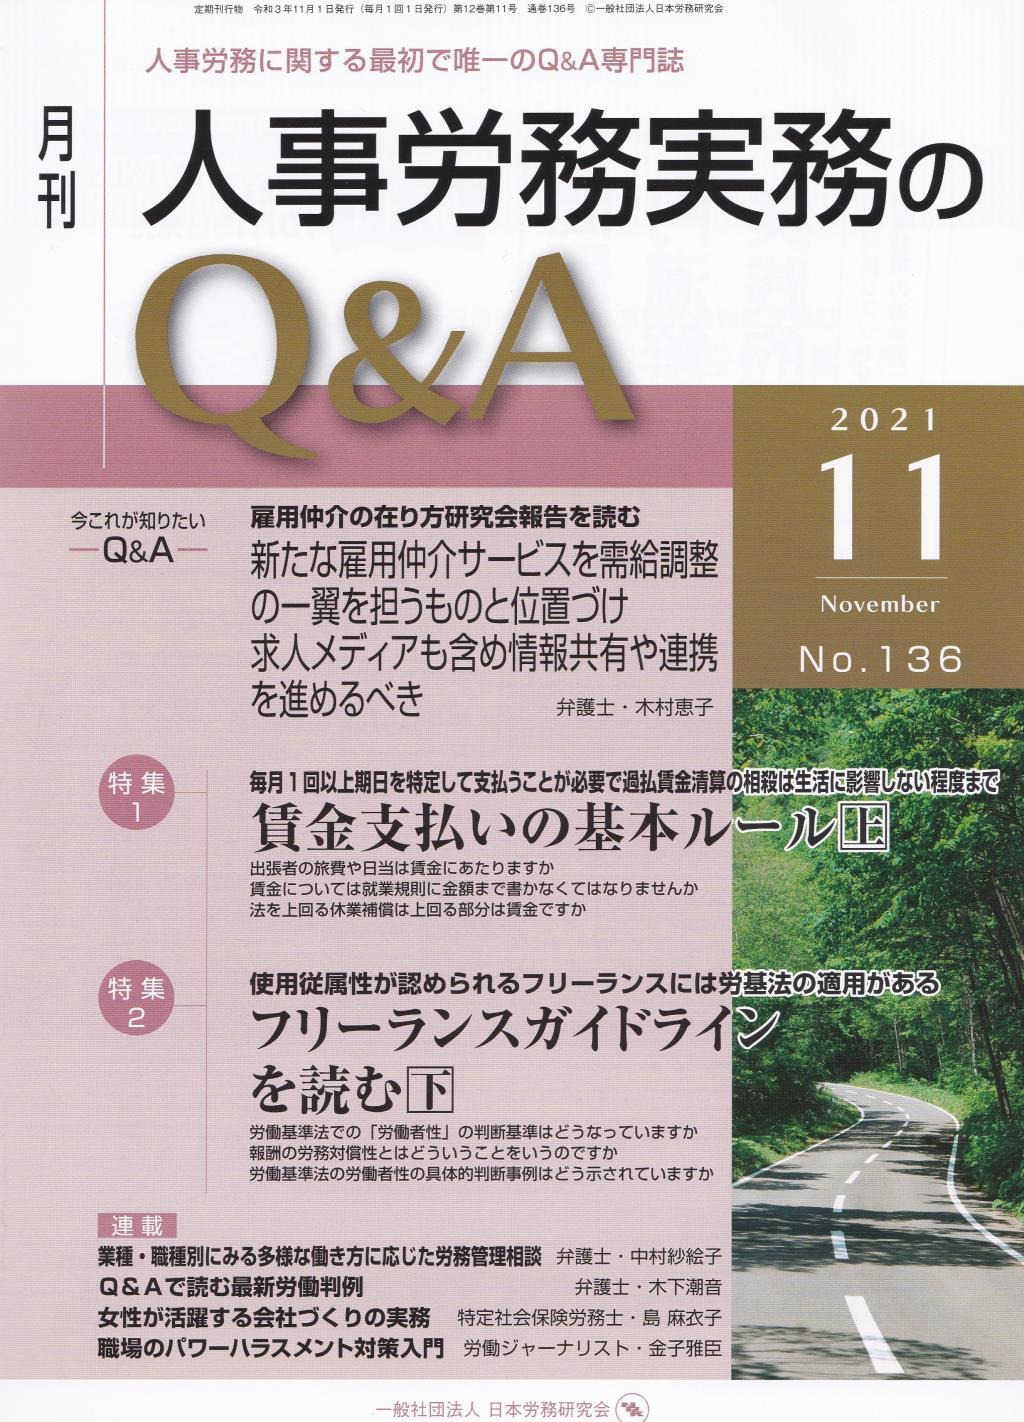 月刊 人事労務実務のQ&A 2021年11月号 No.136